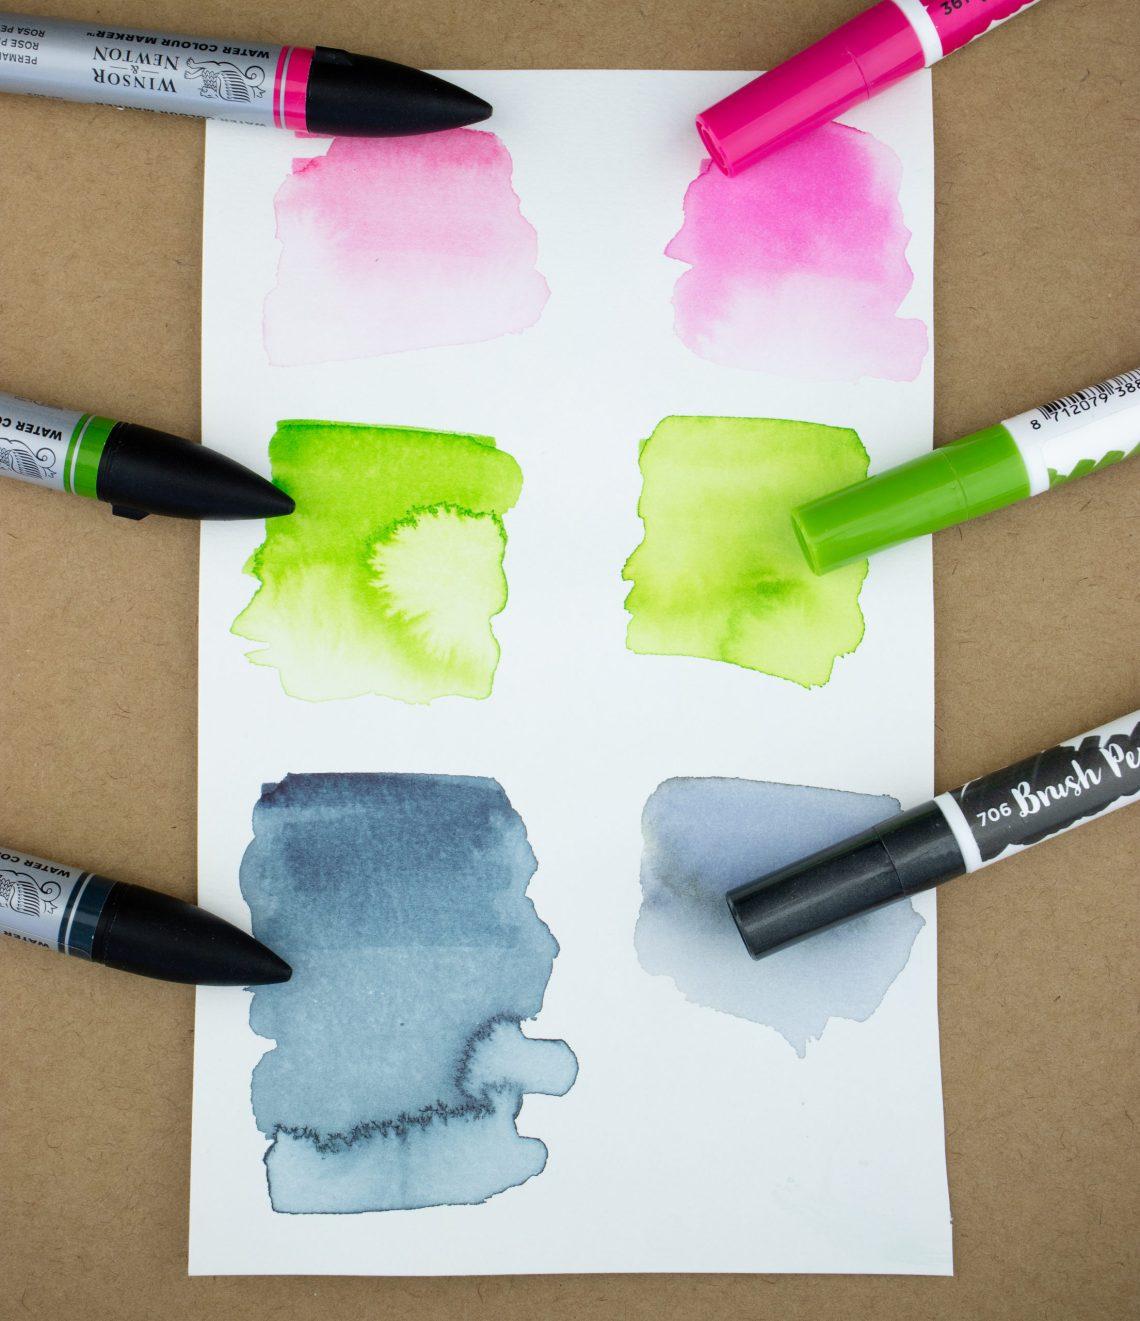 Ecoline Brush Pens vs W&N